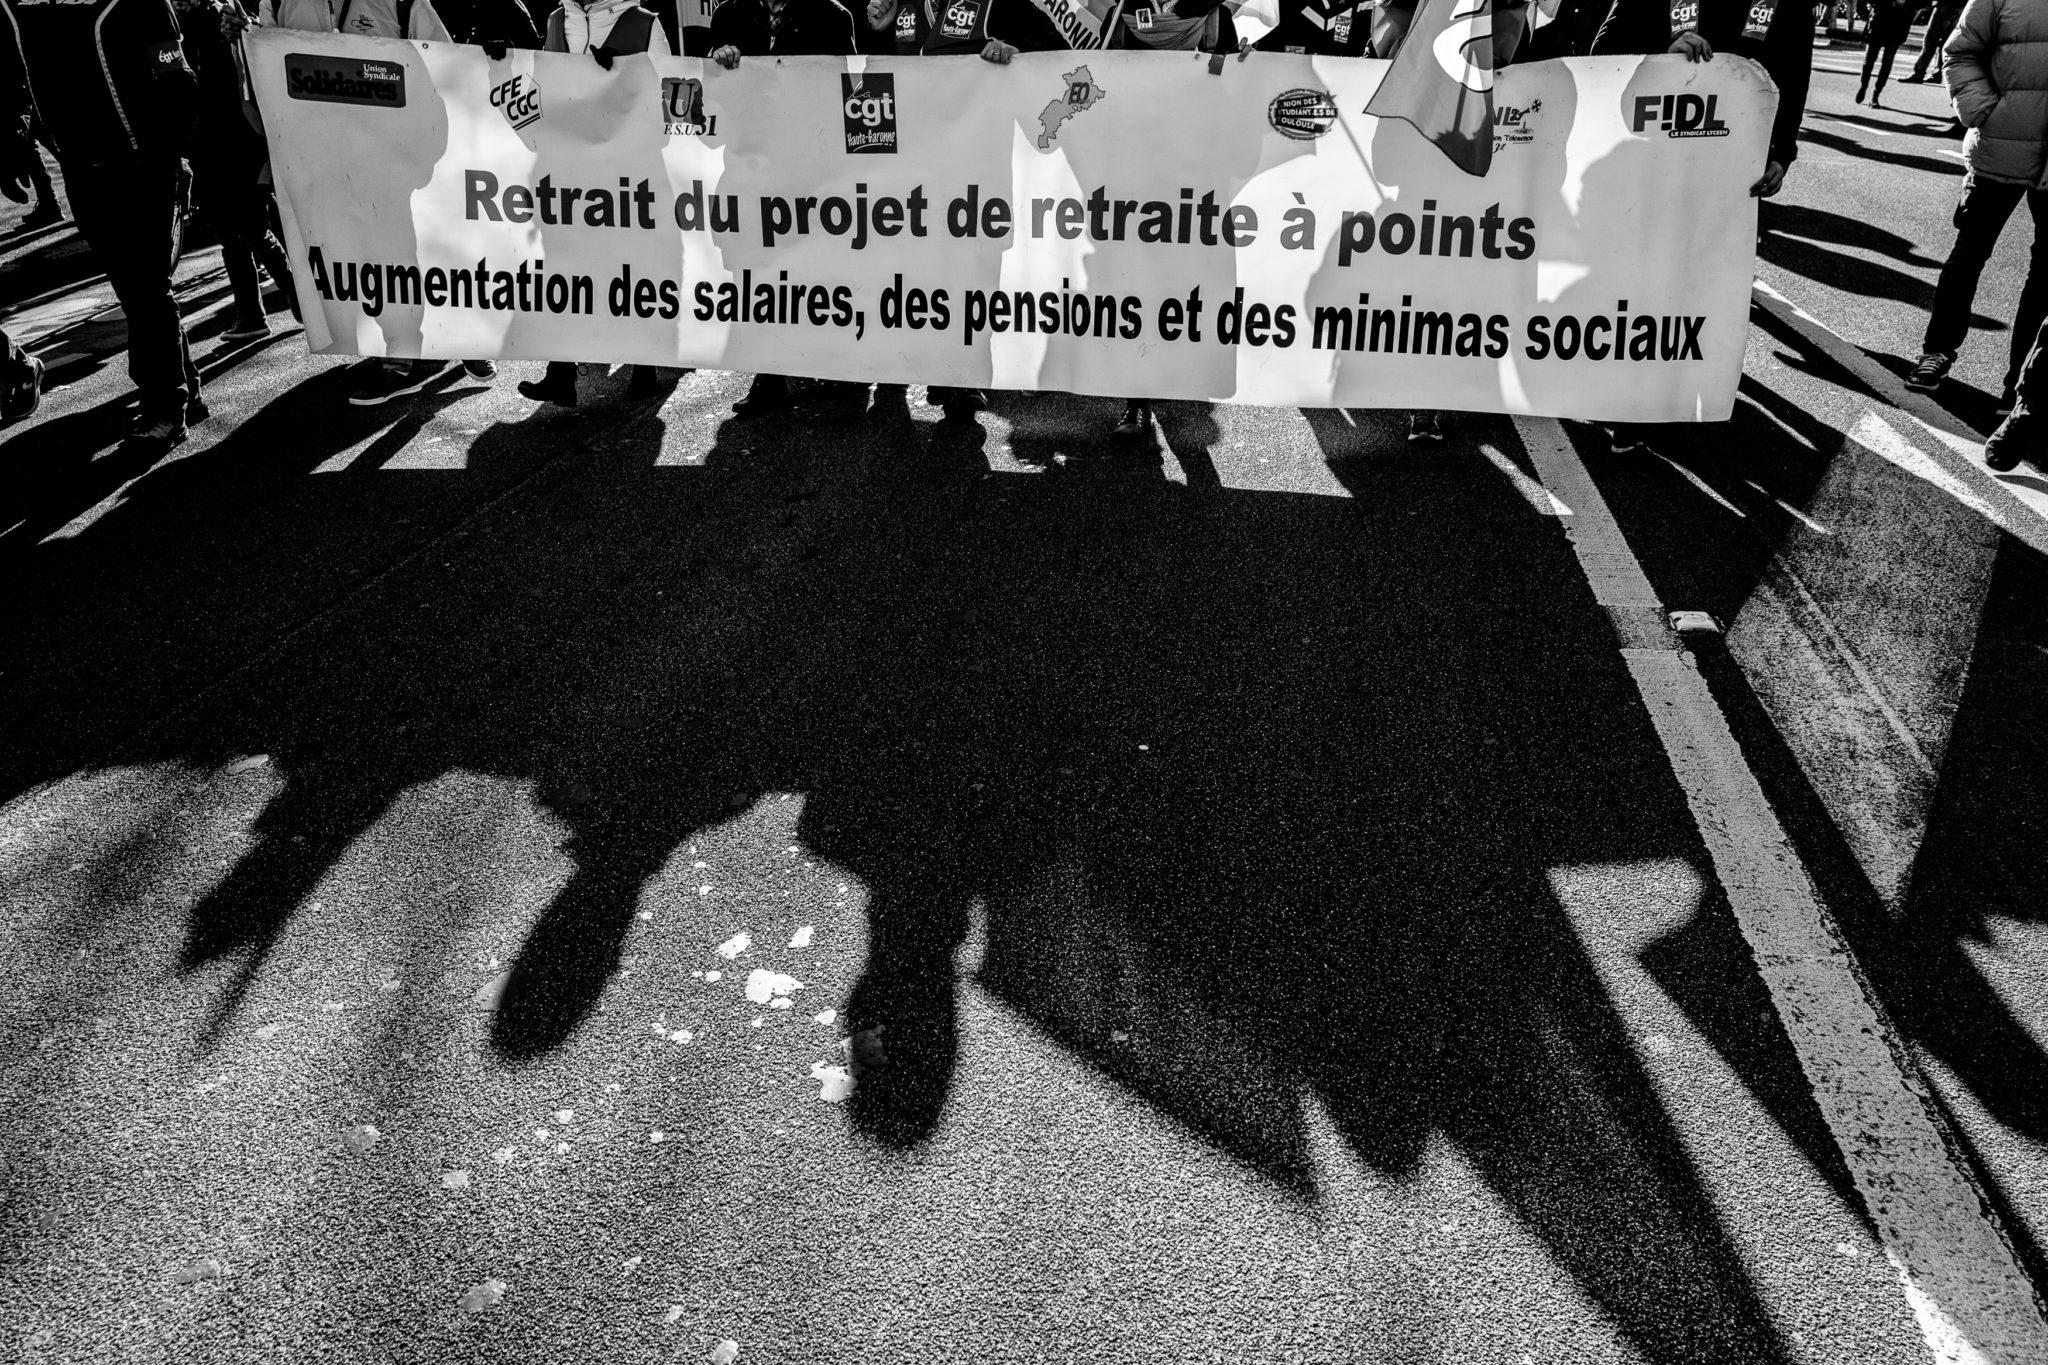 Sujet épineux et sensible. Retour en images sur les manifestations qui ont eu lieu à Toulouse pour s'opposer au projet de loi gouvernemental.